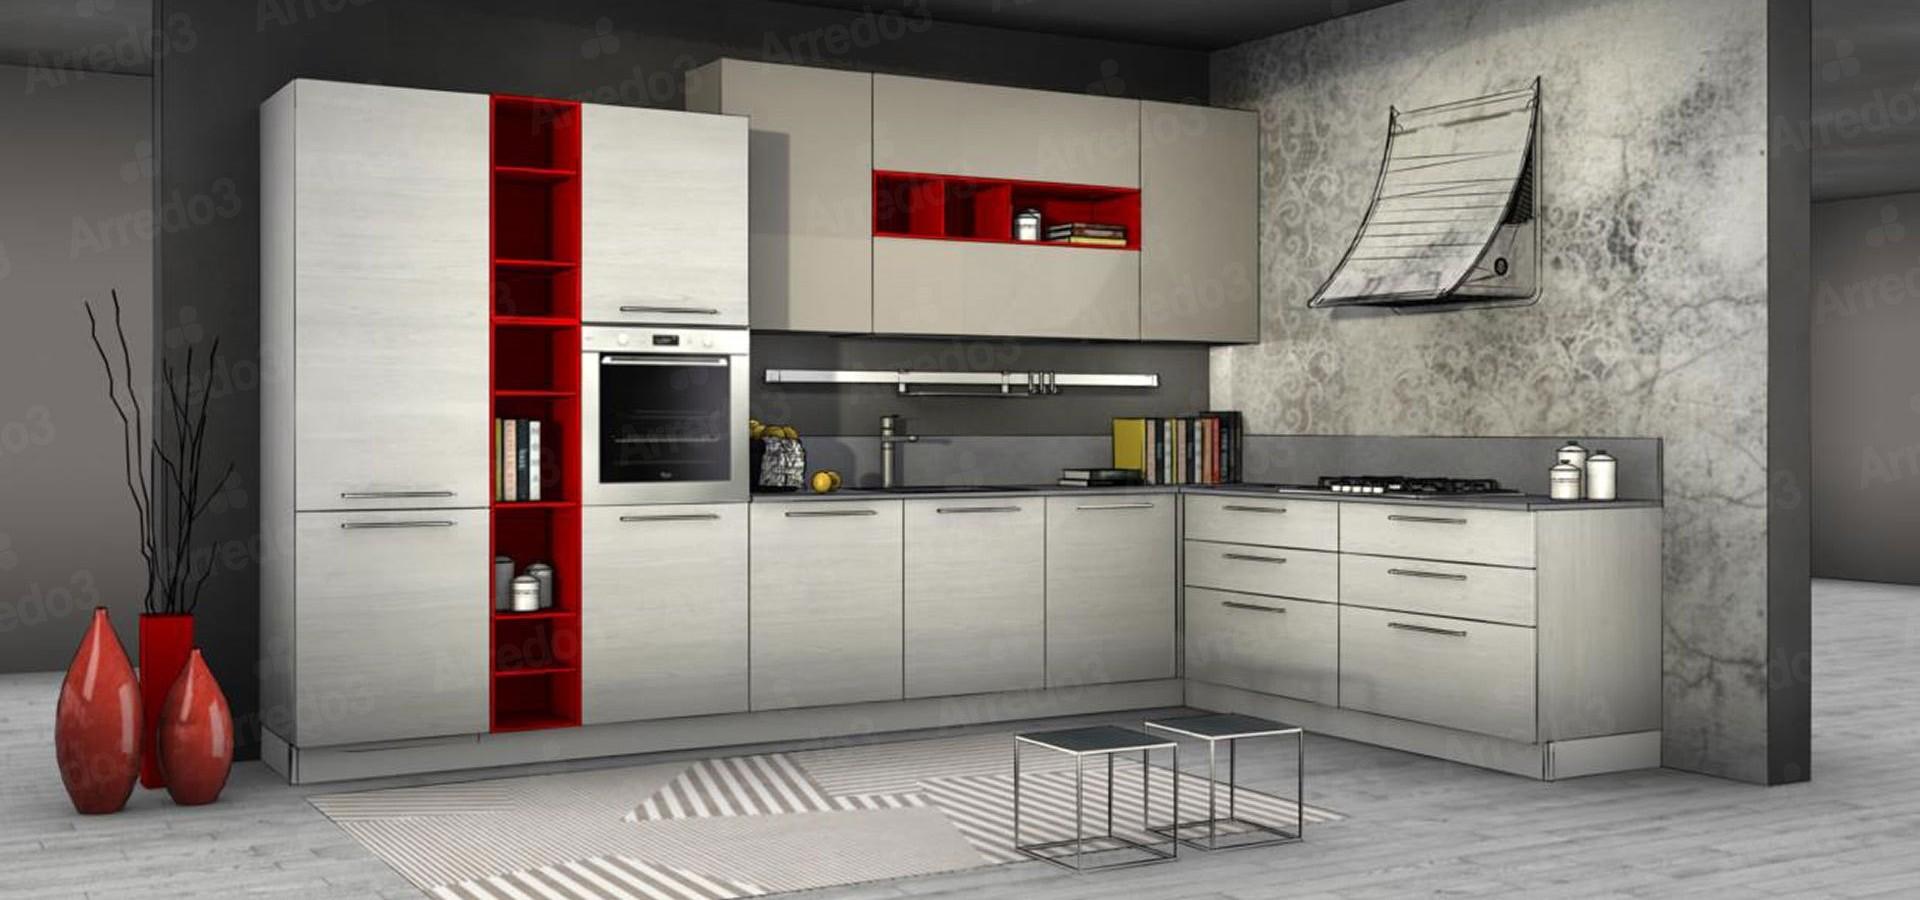 Итальянская КухняCLOE AM06 | Цена на КухняCLOE AM06 ARREDO3